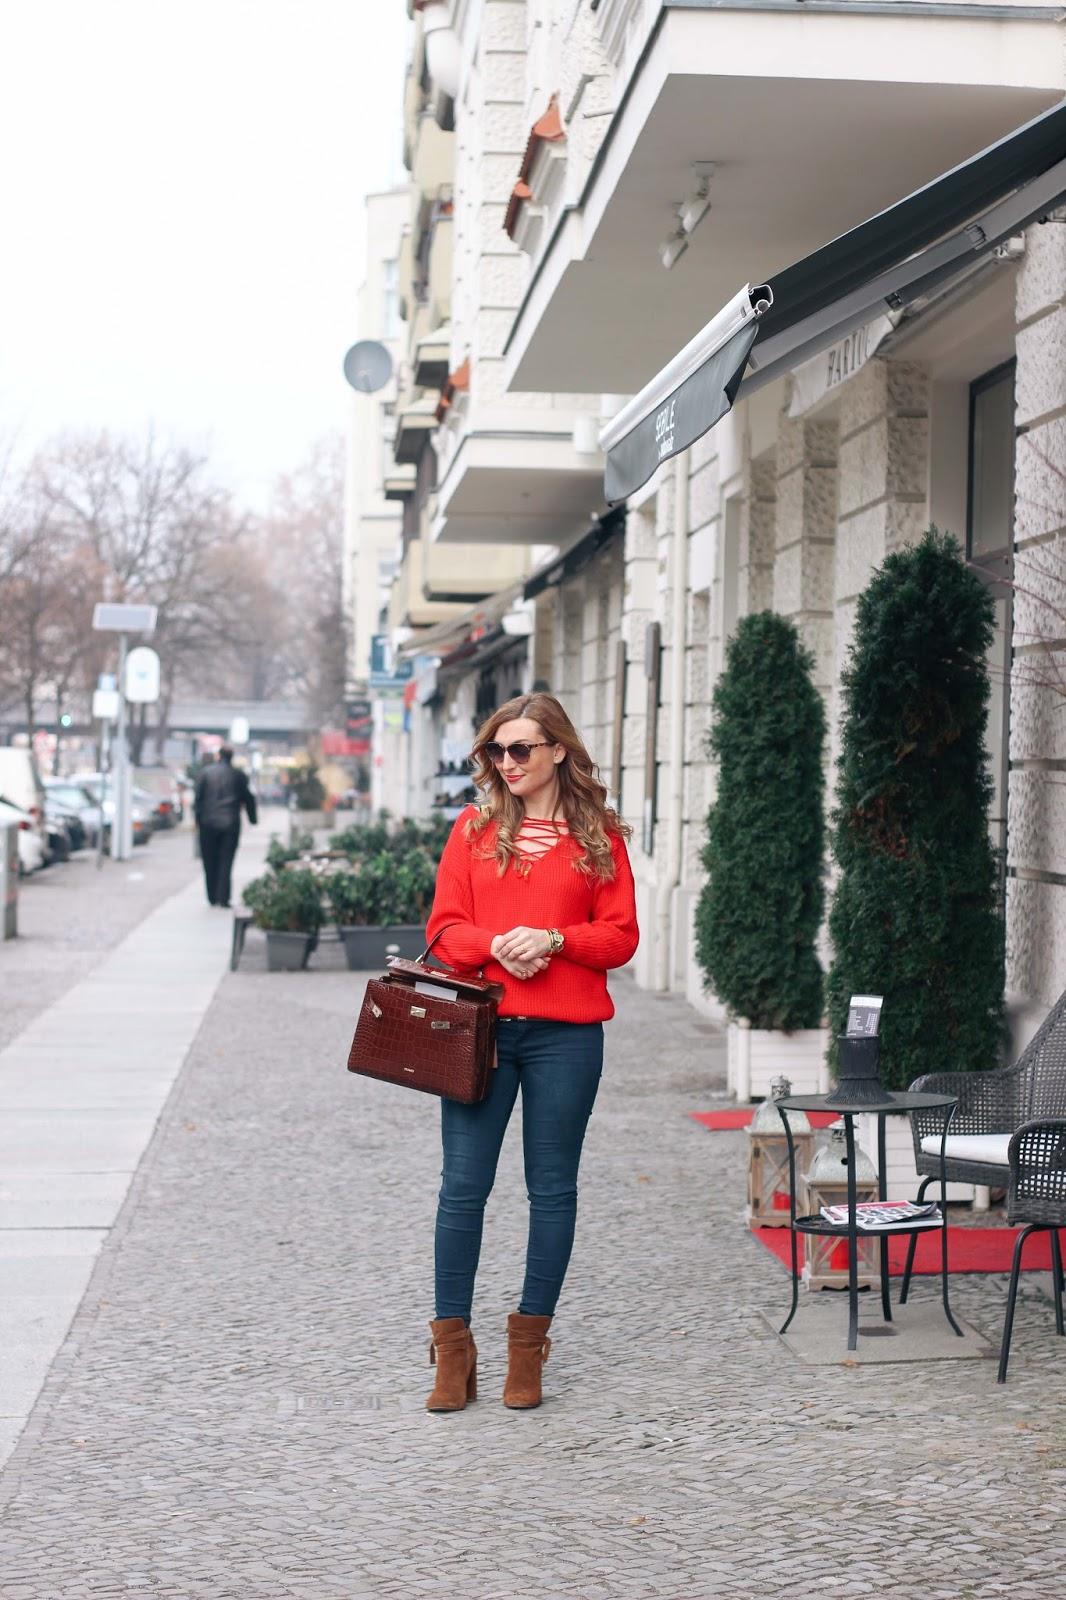 Fashionblogger-aus-deutschland-deutsche-fashionblogger-Ootd-Fashionstylebyjohanna-picard-weimar-Tasche-von-Picard-Zaful-Zaful-Pullover-roter-Pullover